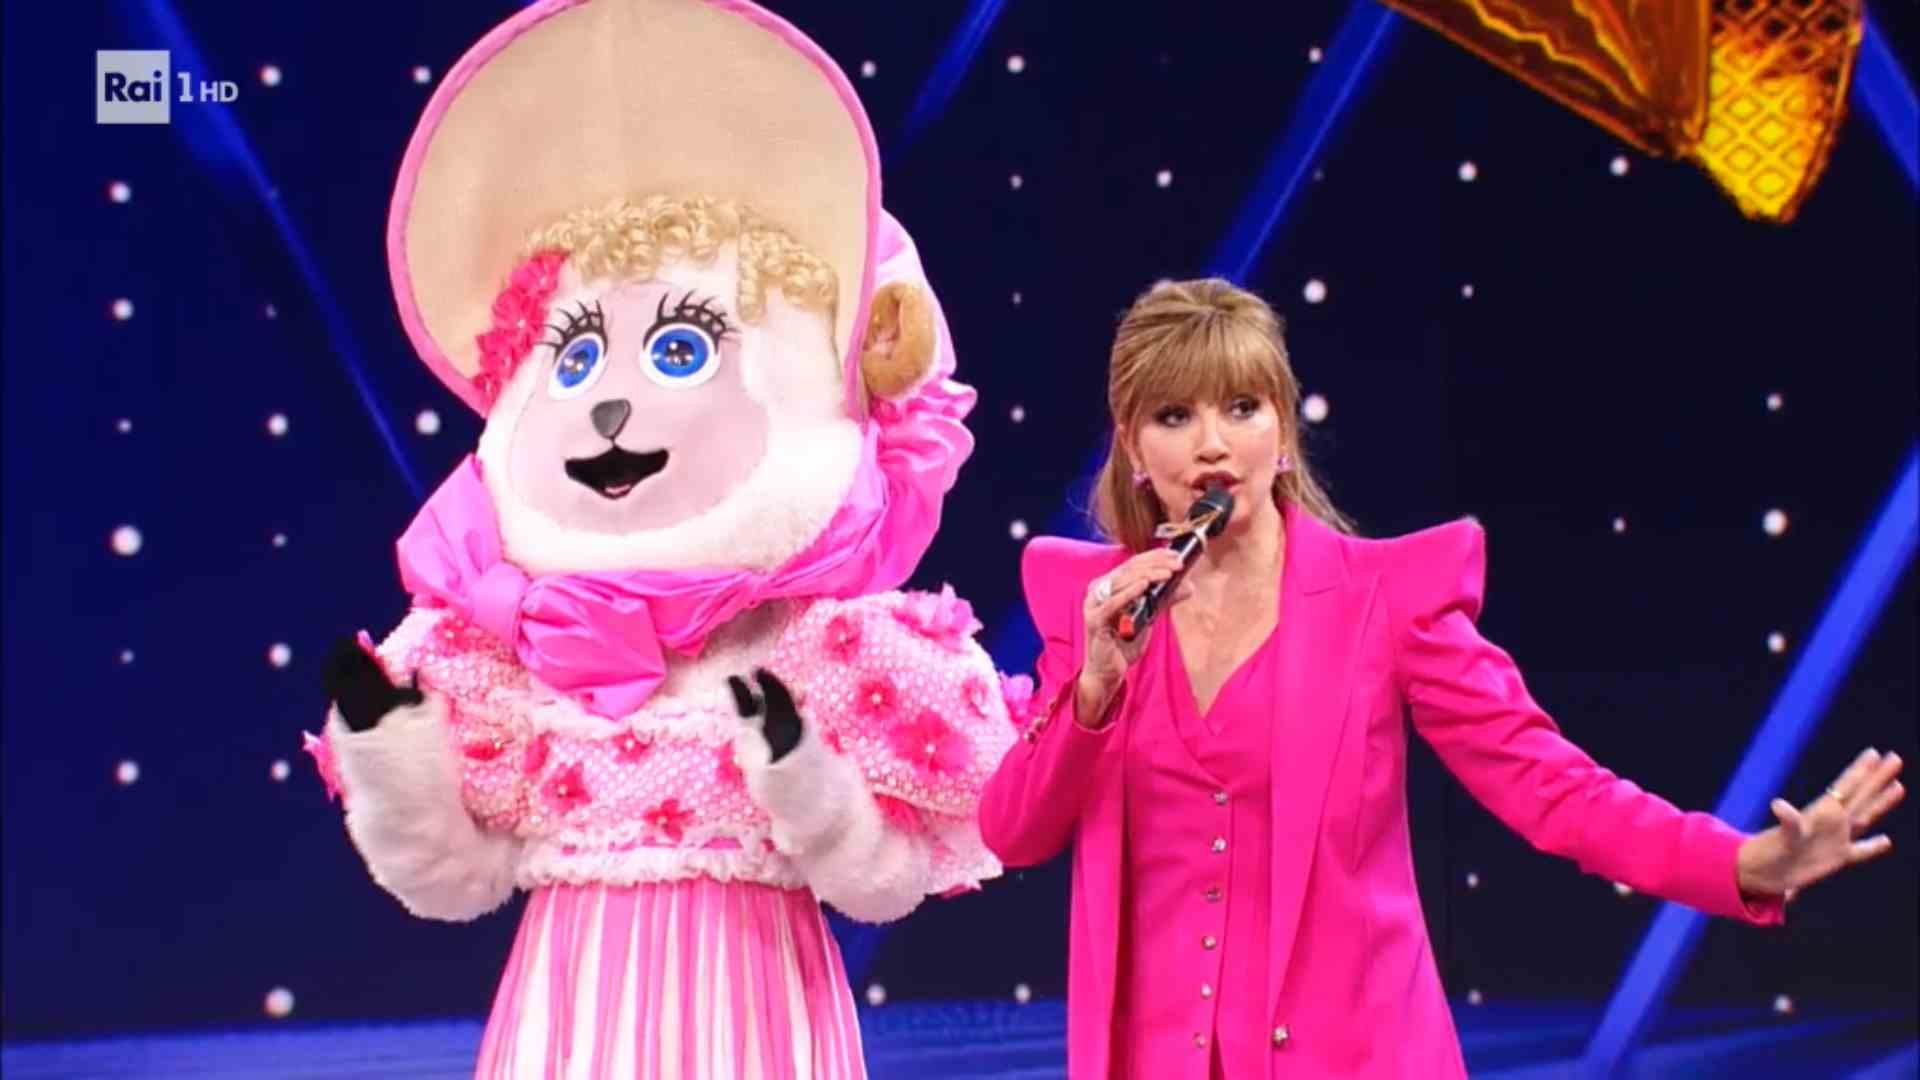 Il Cantante Mascherato, svelata l'identità della Pecorella: ecco chi è (video)